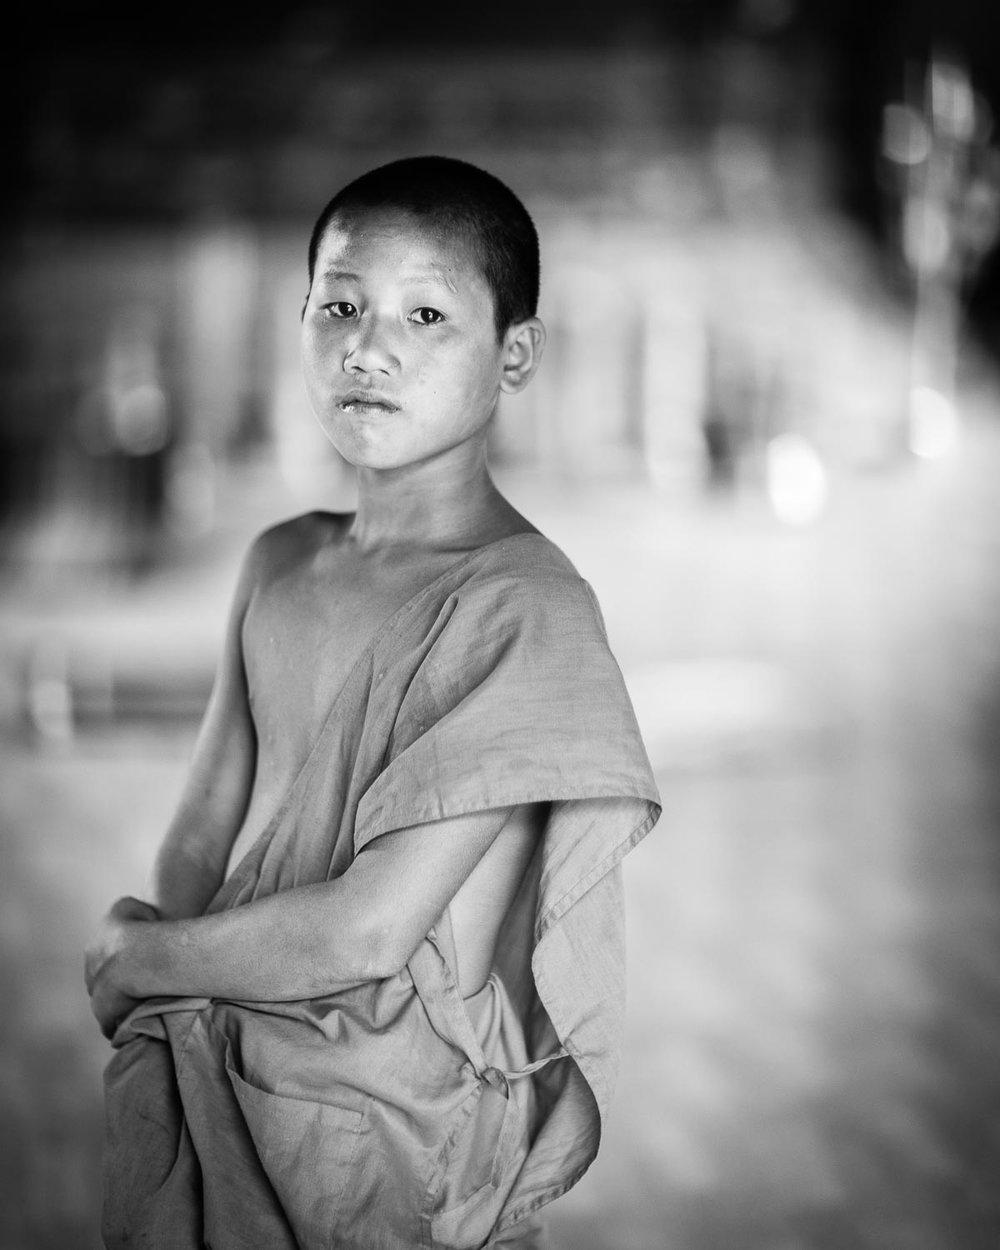 Chomphet - Luang Prabang